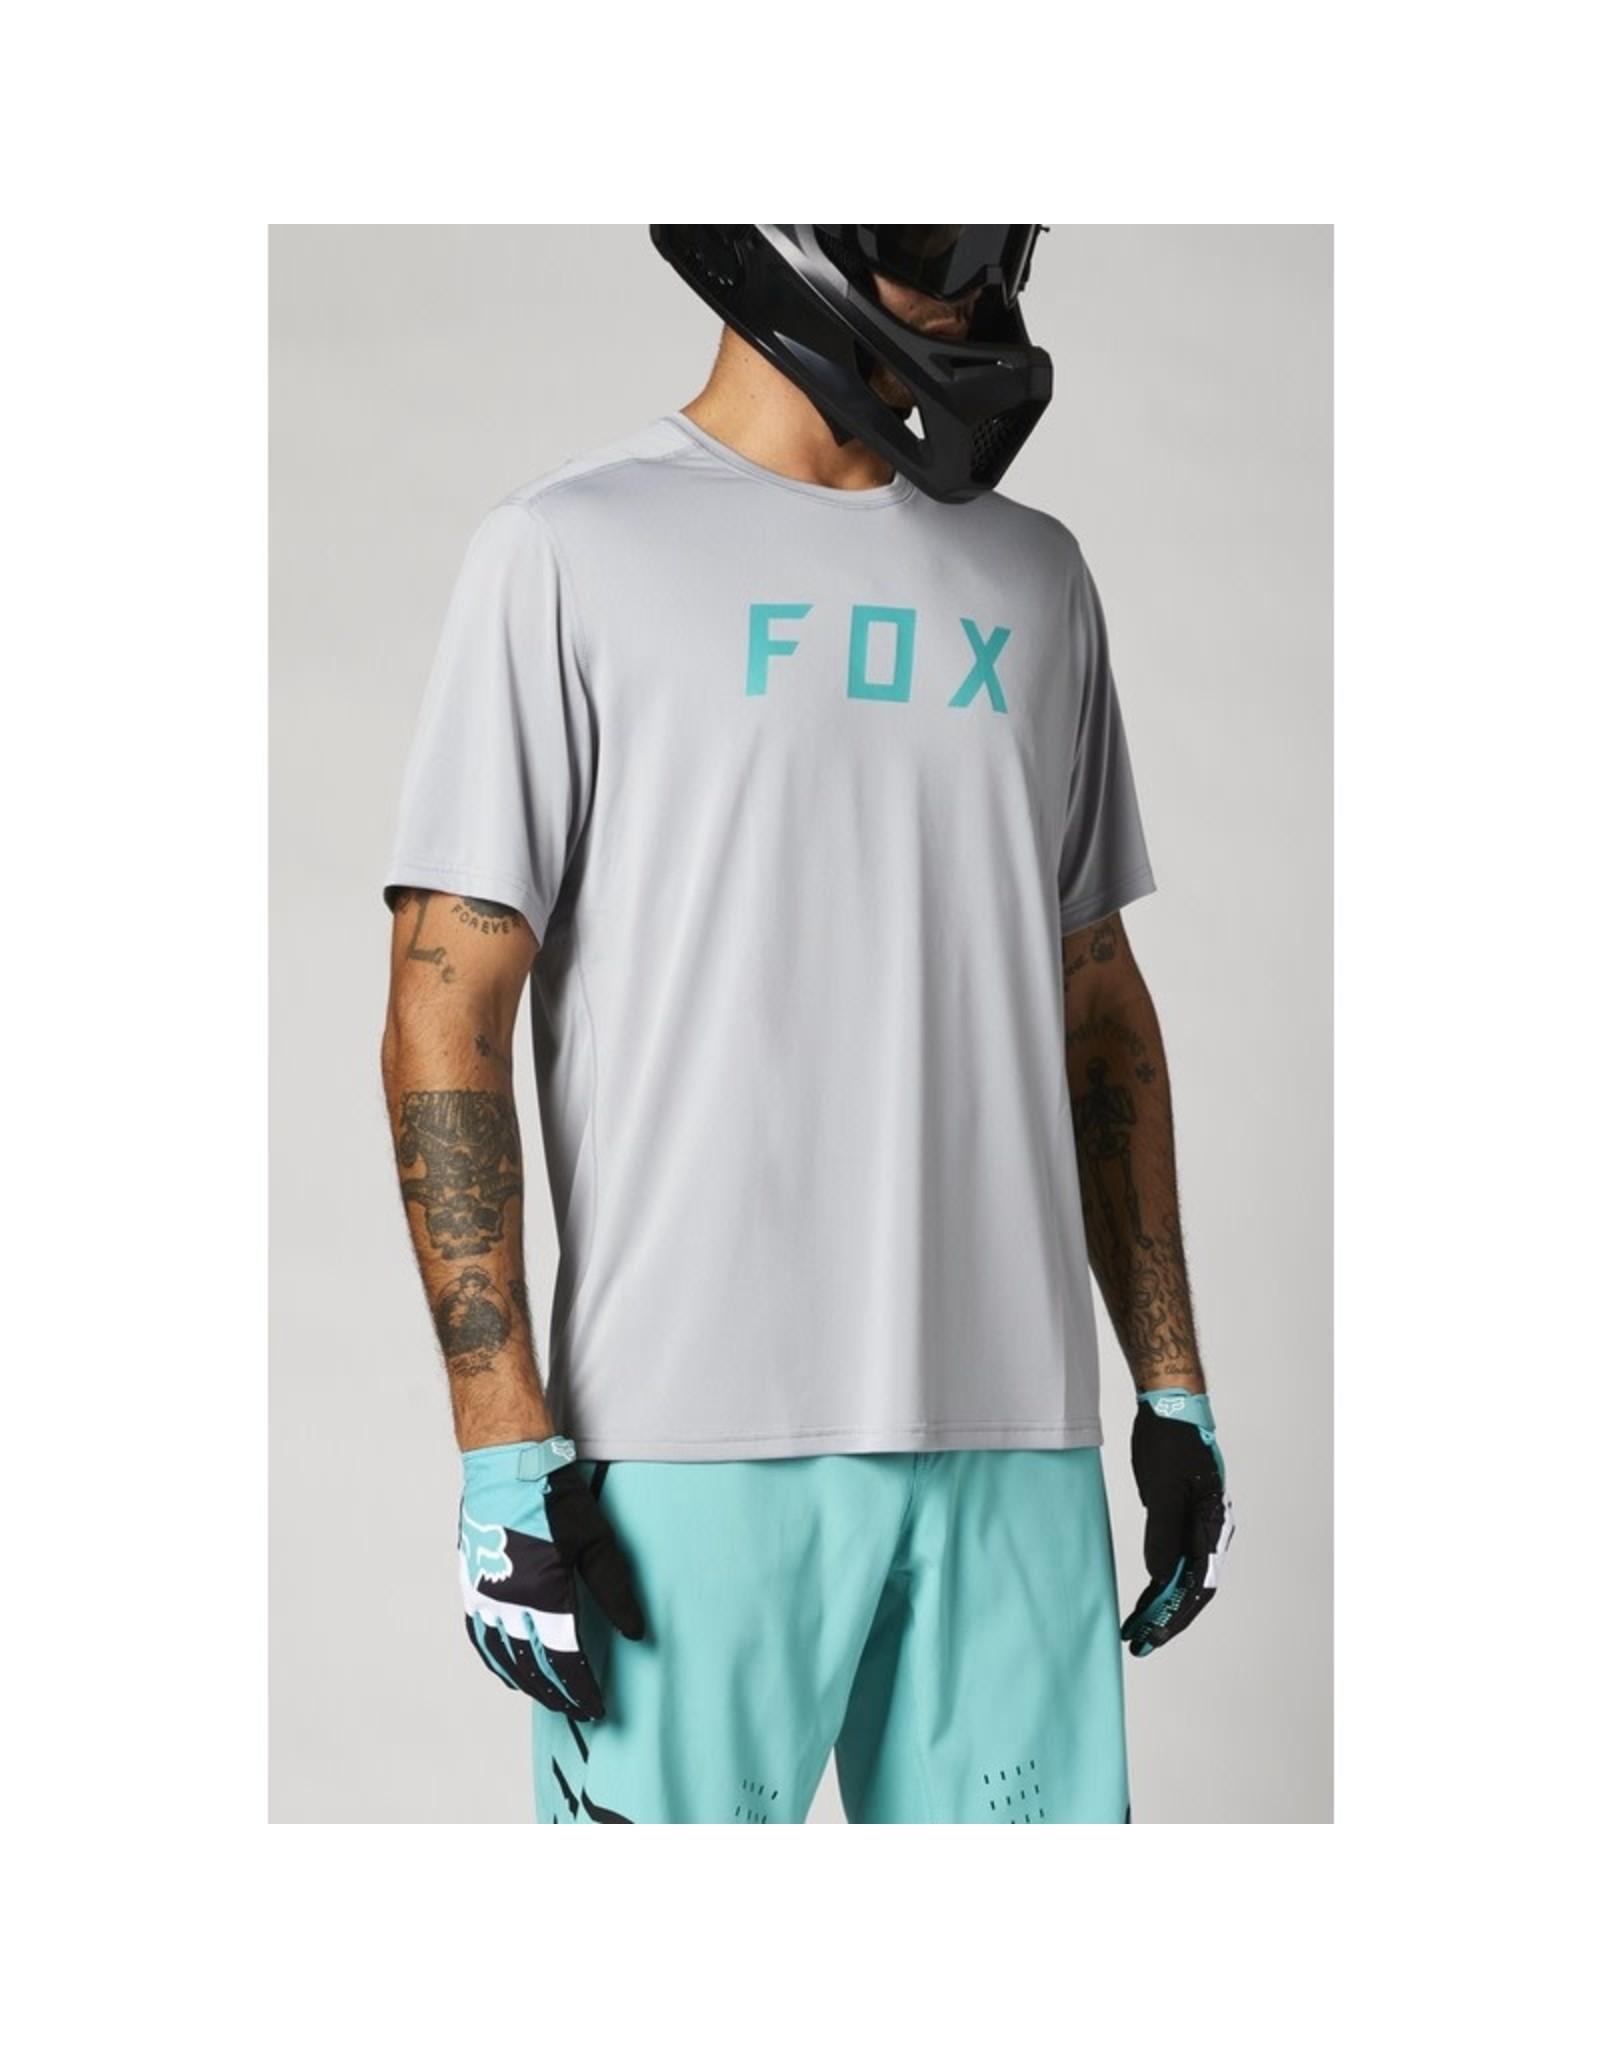 FOX FOX '21 RANGER SS JERSEY